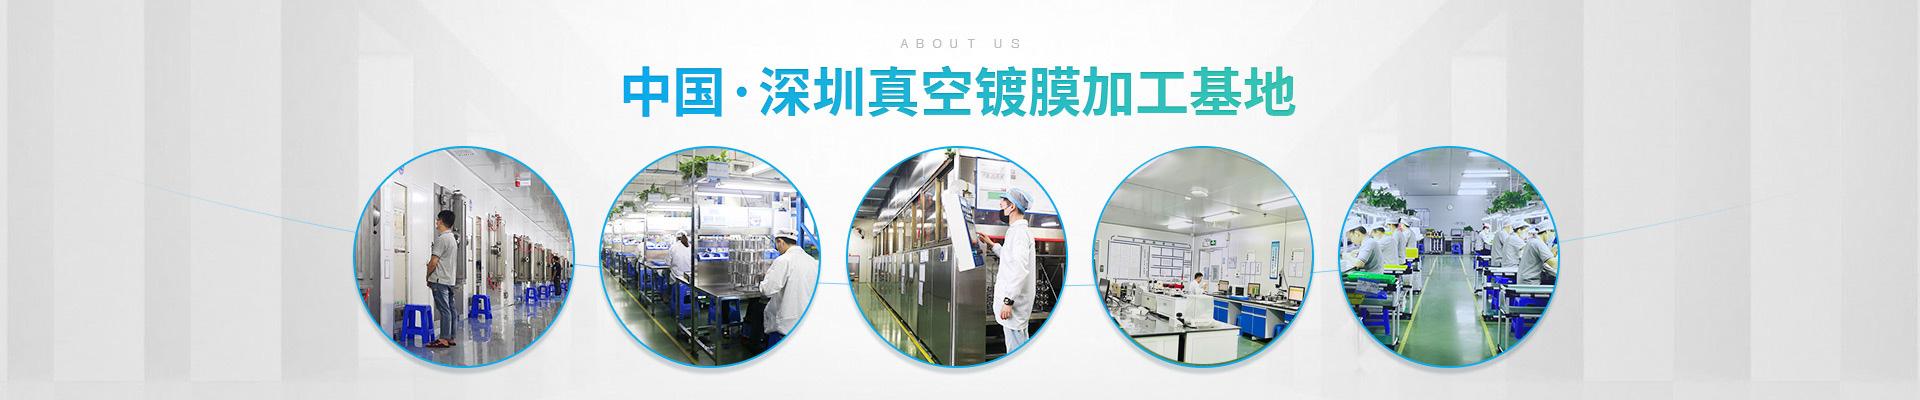 深圳森丰:中国·深圳真空镀膜加工基地